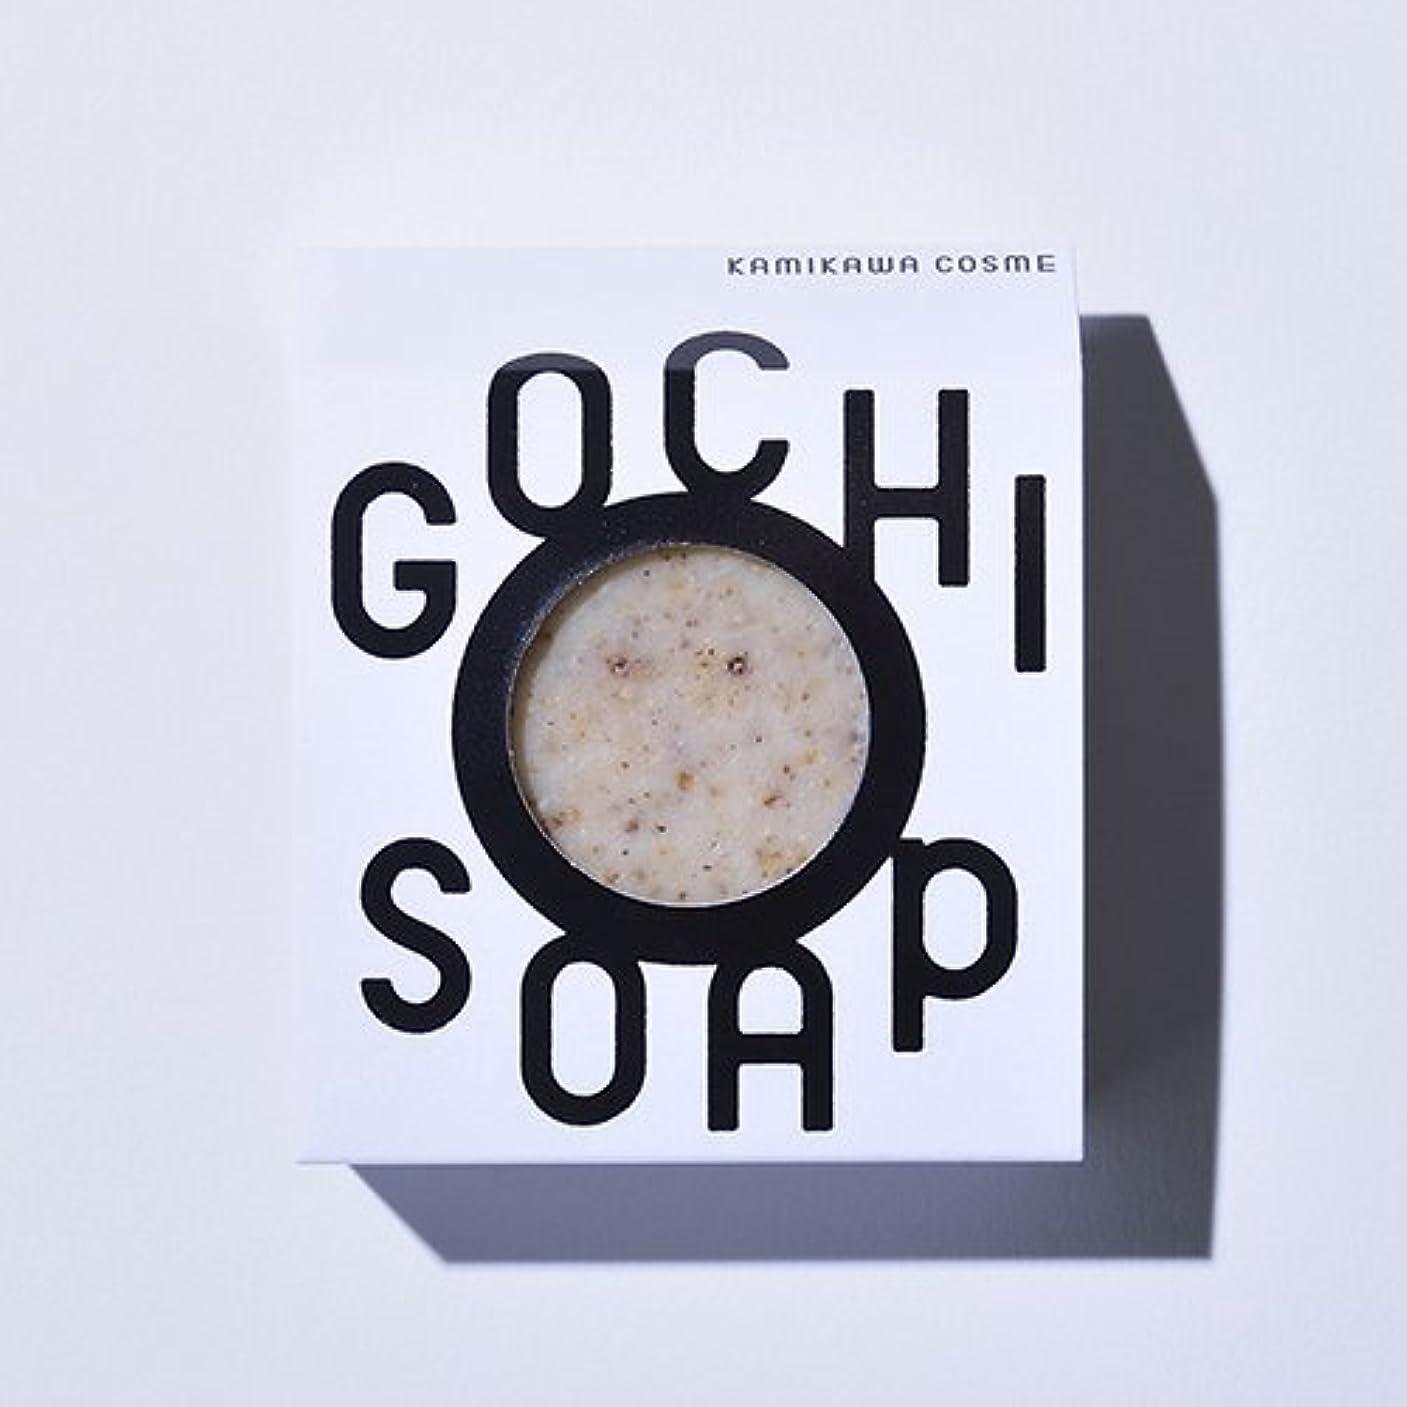 食料品店とげのあるヒゲクジラGOCHI SOAP ゴチソープ 上森米穀店の焙煎黒米ソープ